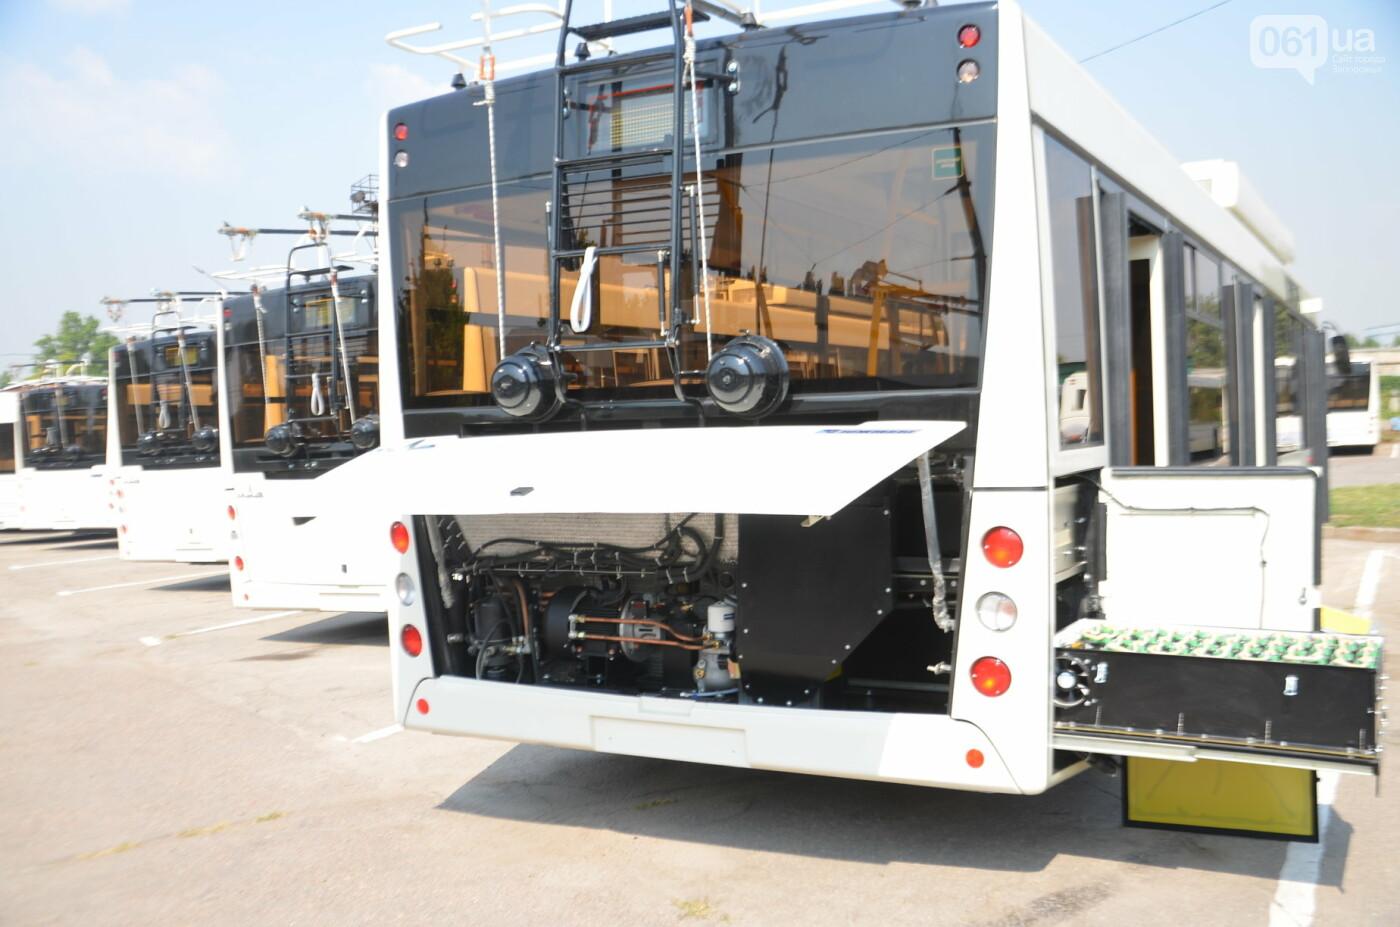 В Запорожье на линию выйдут пять новых троллейбусов с автономным ходом, - ФОТОРЕПОРТАЖ, фото-4